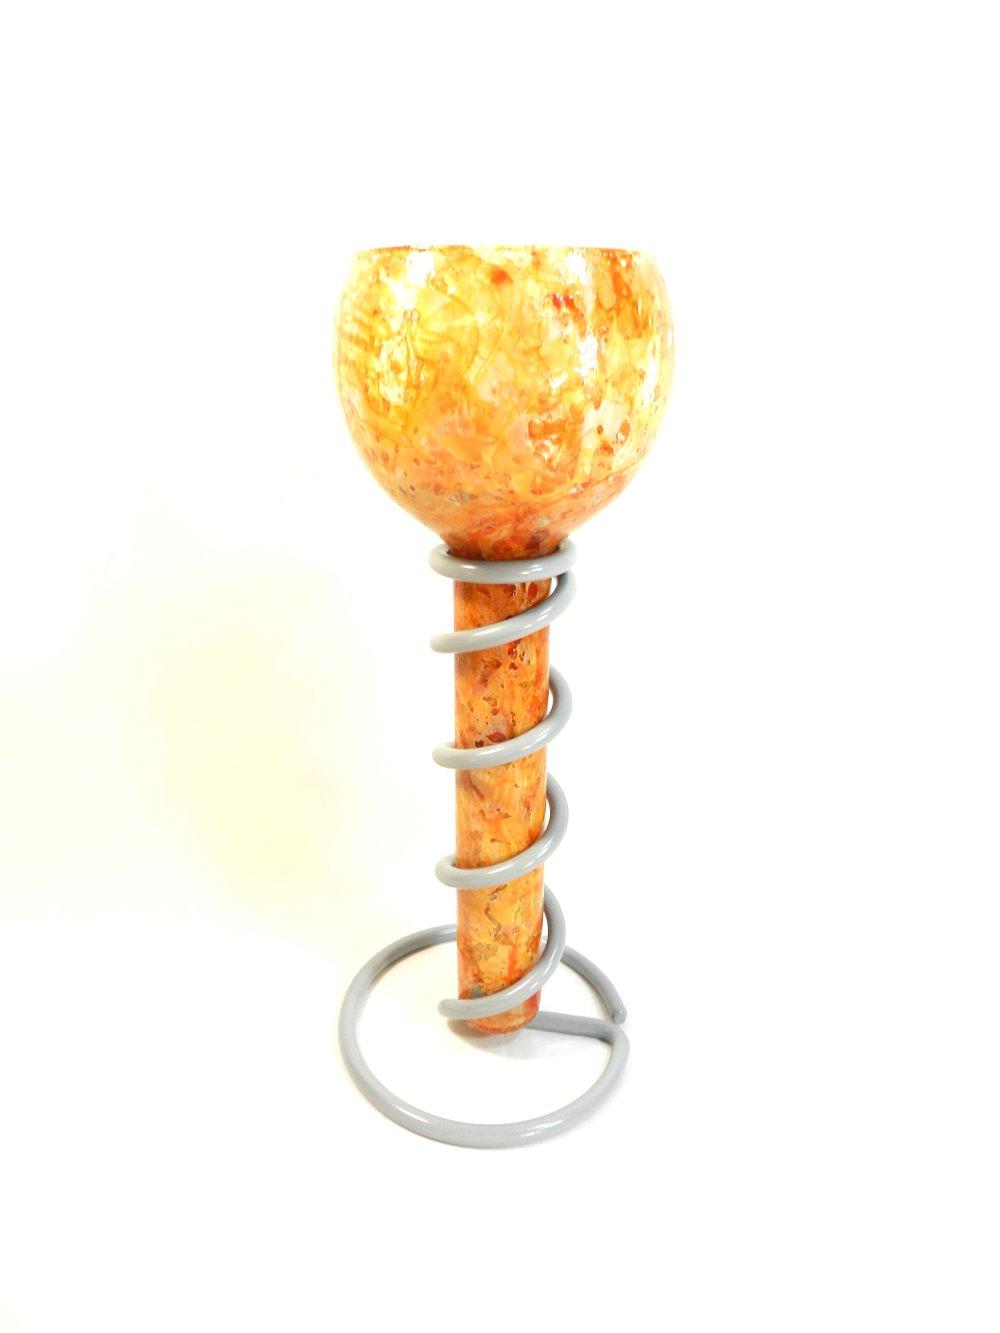 """Bougeoir """" Spirale Orange et gris """", modèle unique, ferronnerie grise, bougie blanche, réalisé à la main"""